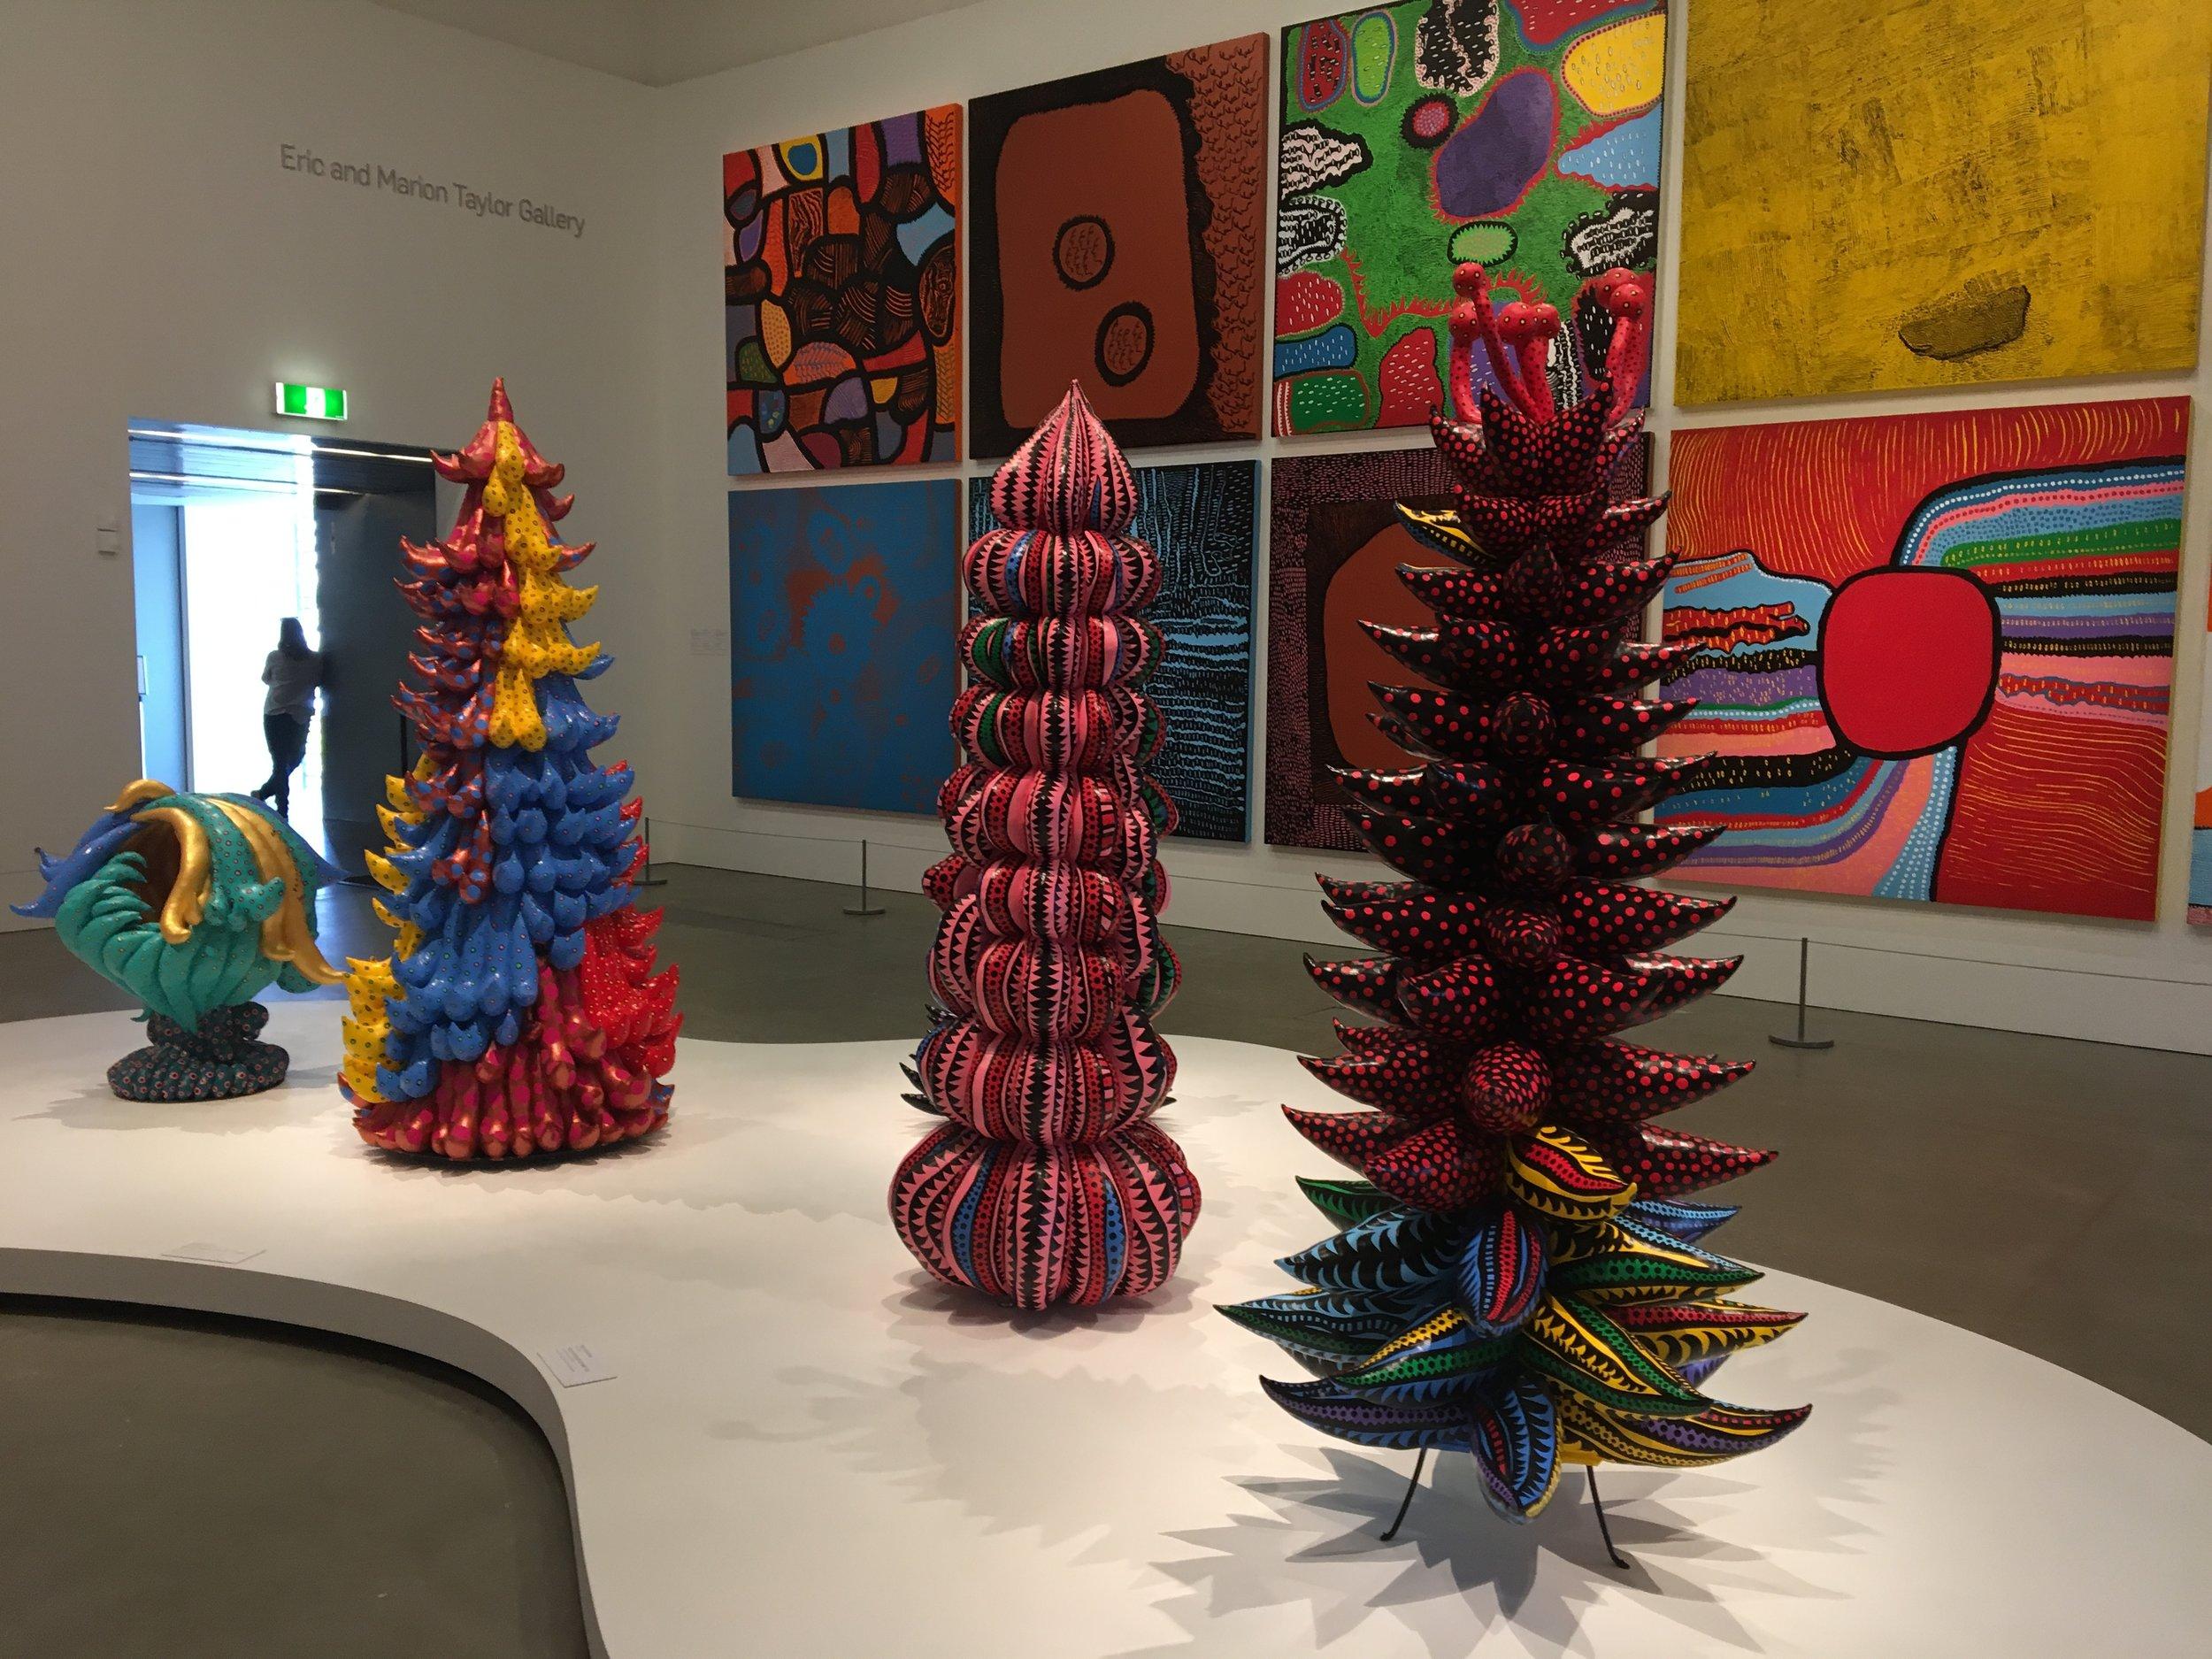 australia-brisbane-travel-GOMA-yayoi-kusama-exhibition-6.JPG